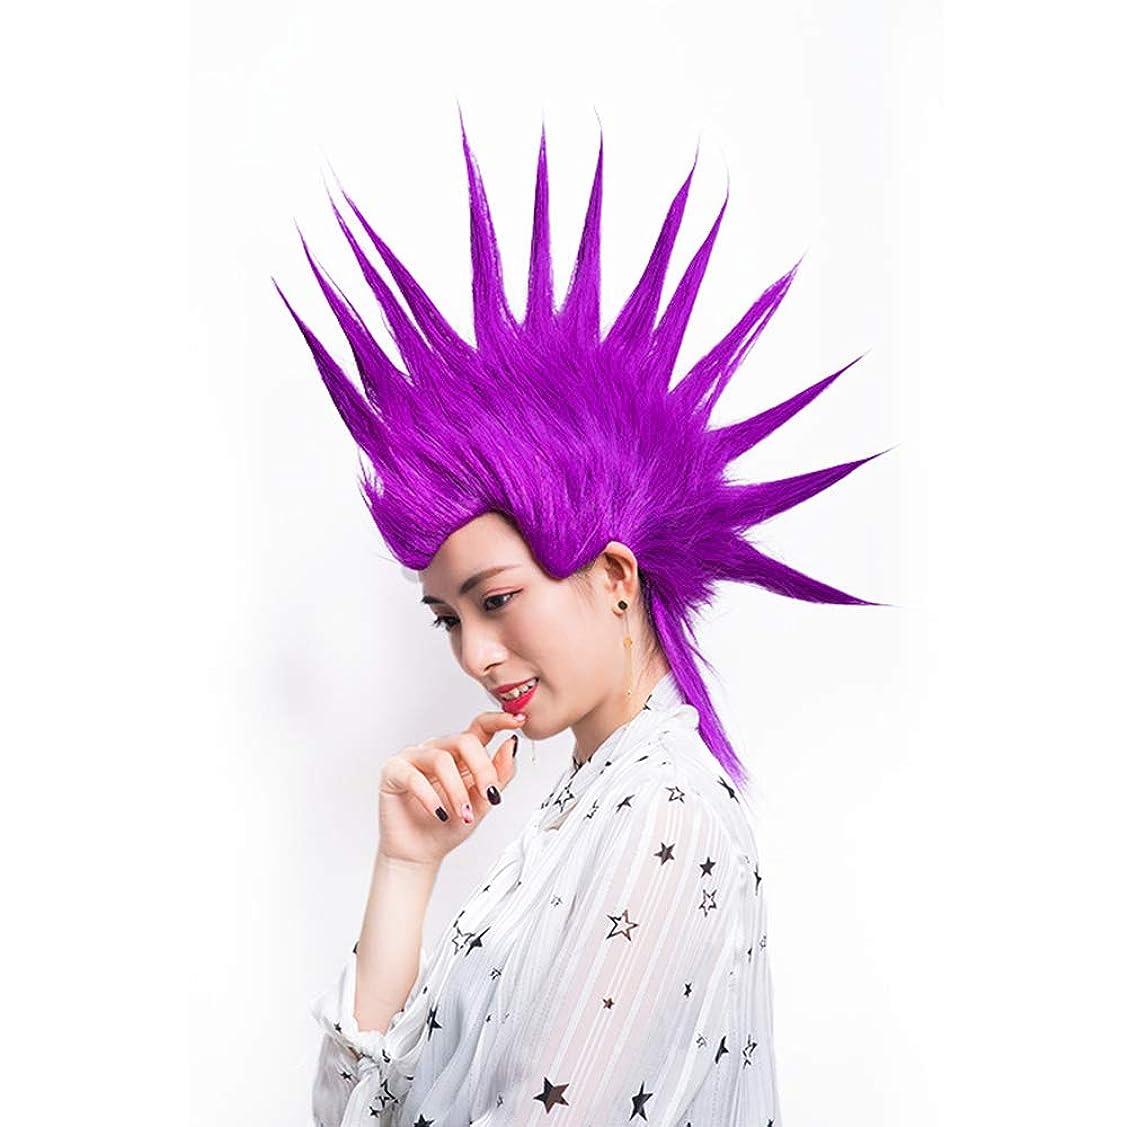 レパートリースリチンモイ既に男性ウィッグ女性ウィッグハロウィンコスプレコスチュームアニメ大人&十代の若者たち短い人工毛仮装カーニバルパーティー